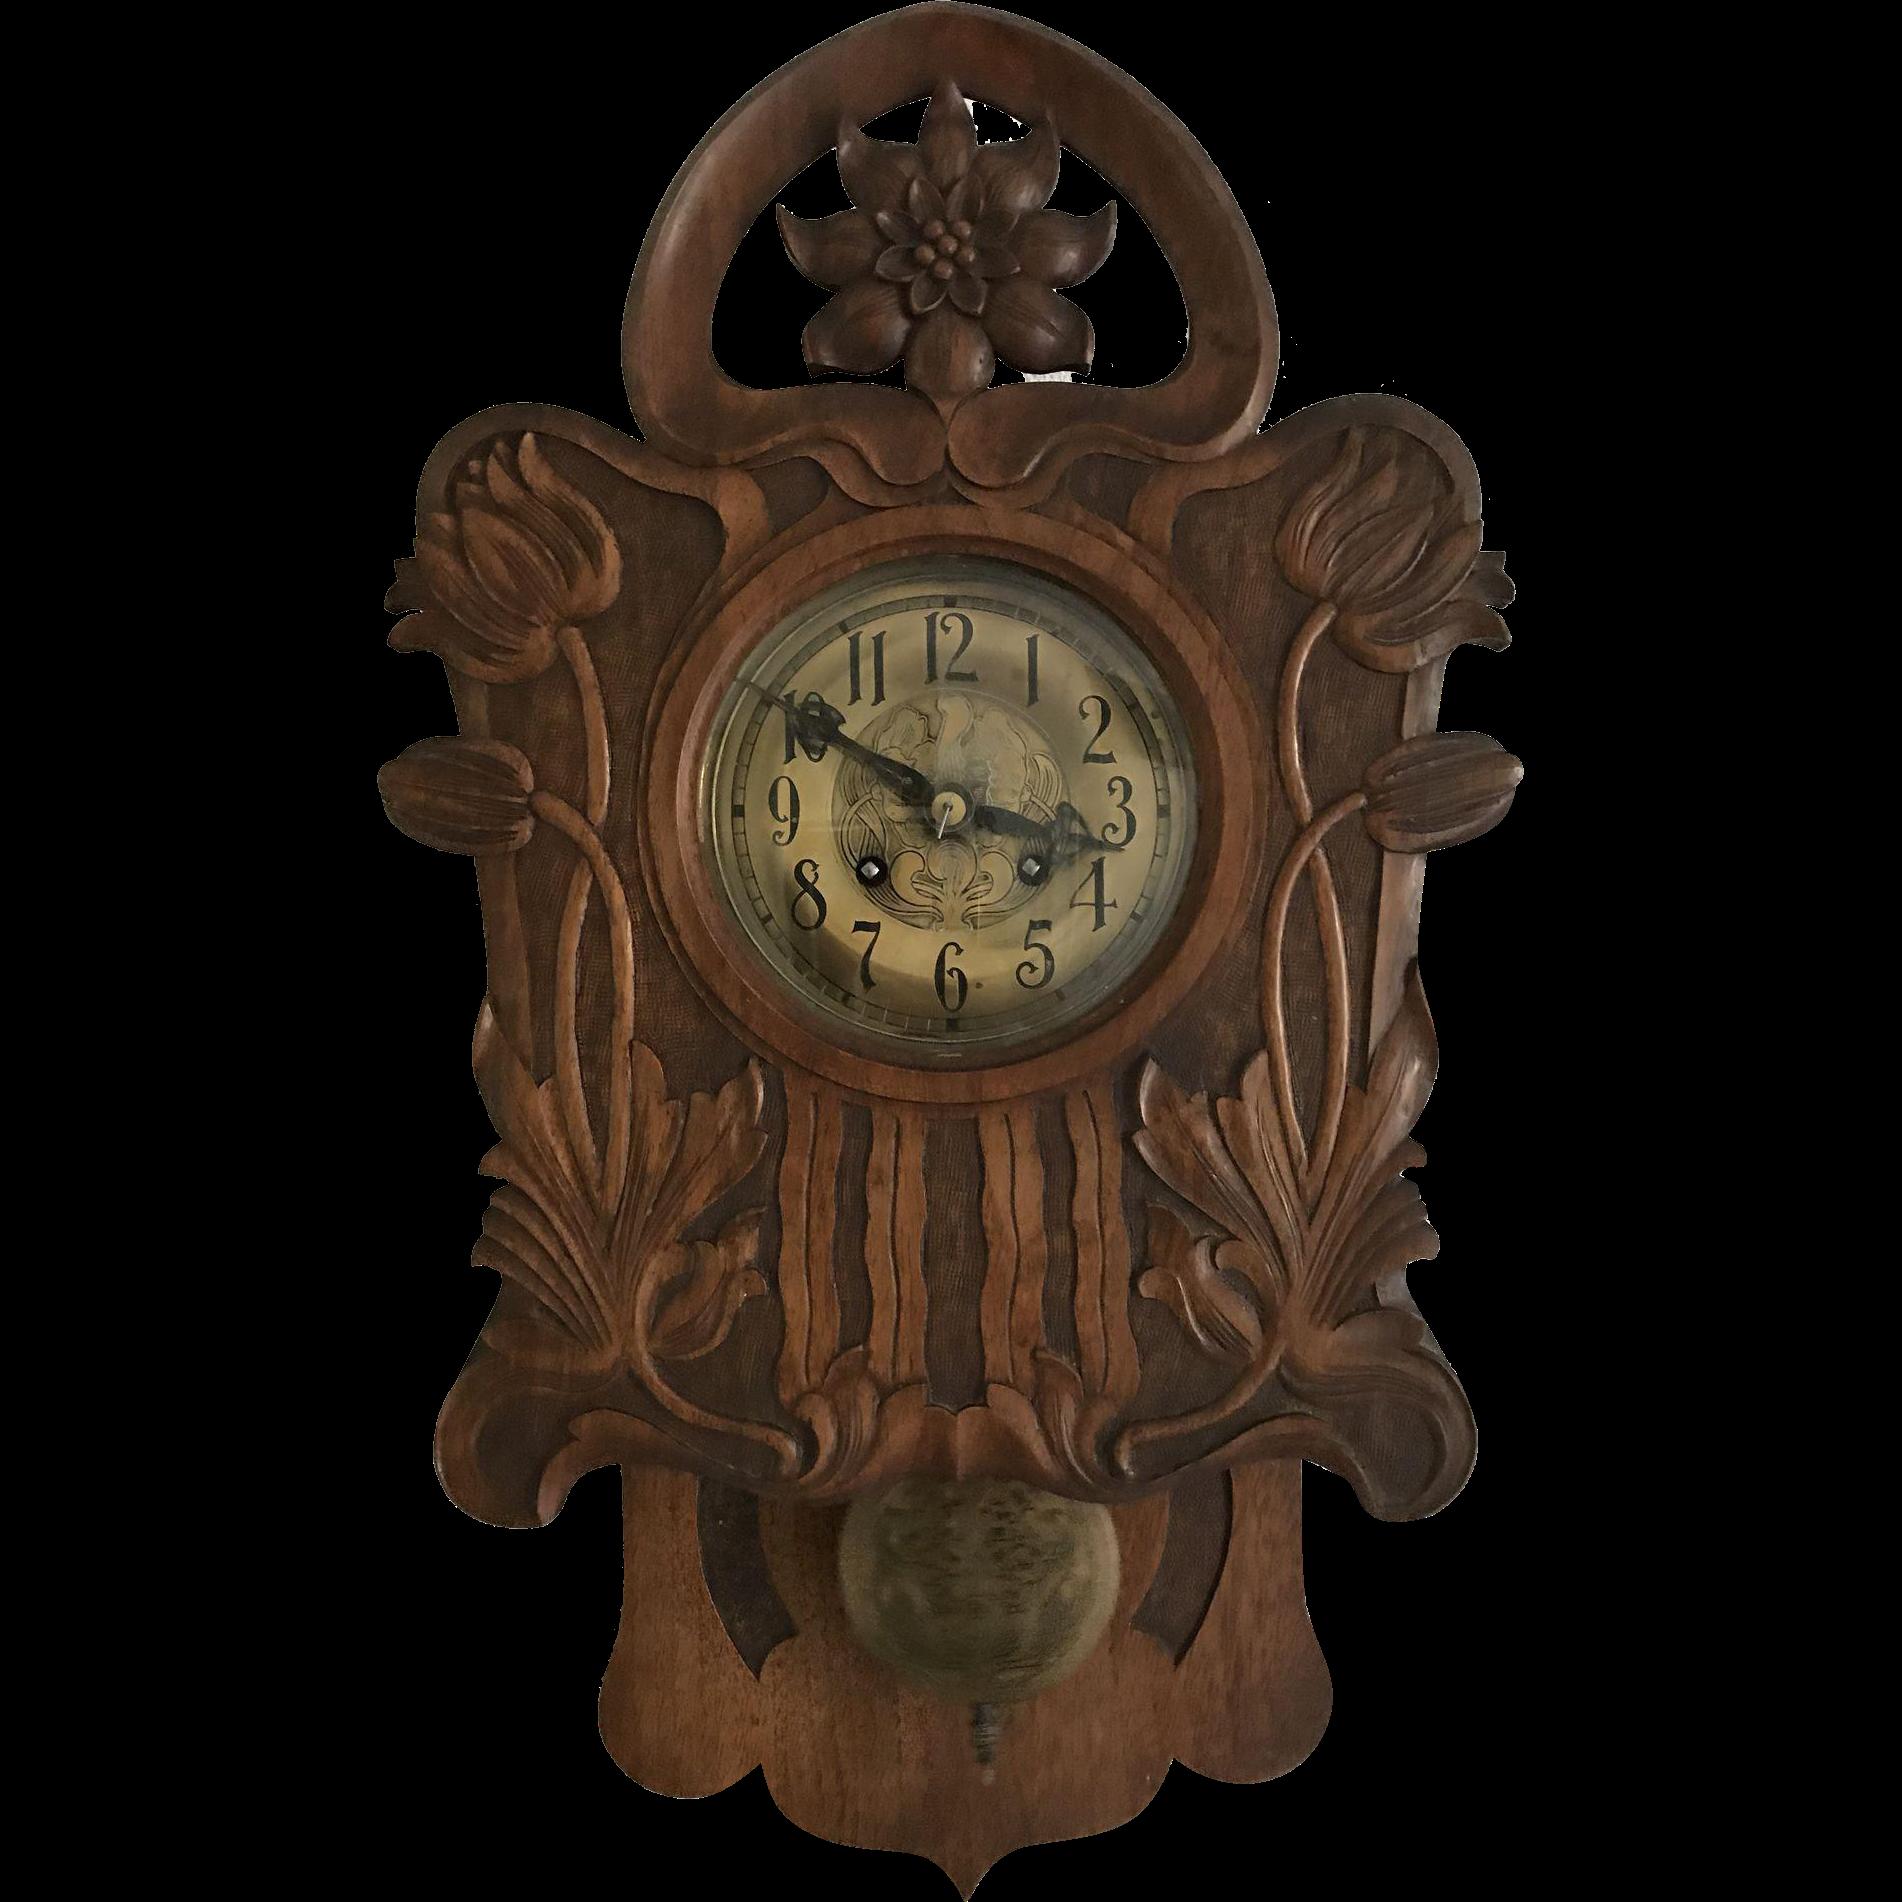 Art Nouveau Jugendstil Style Carved Wall Clock Flower Design early 1900.